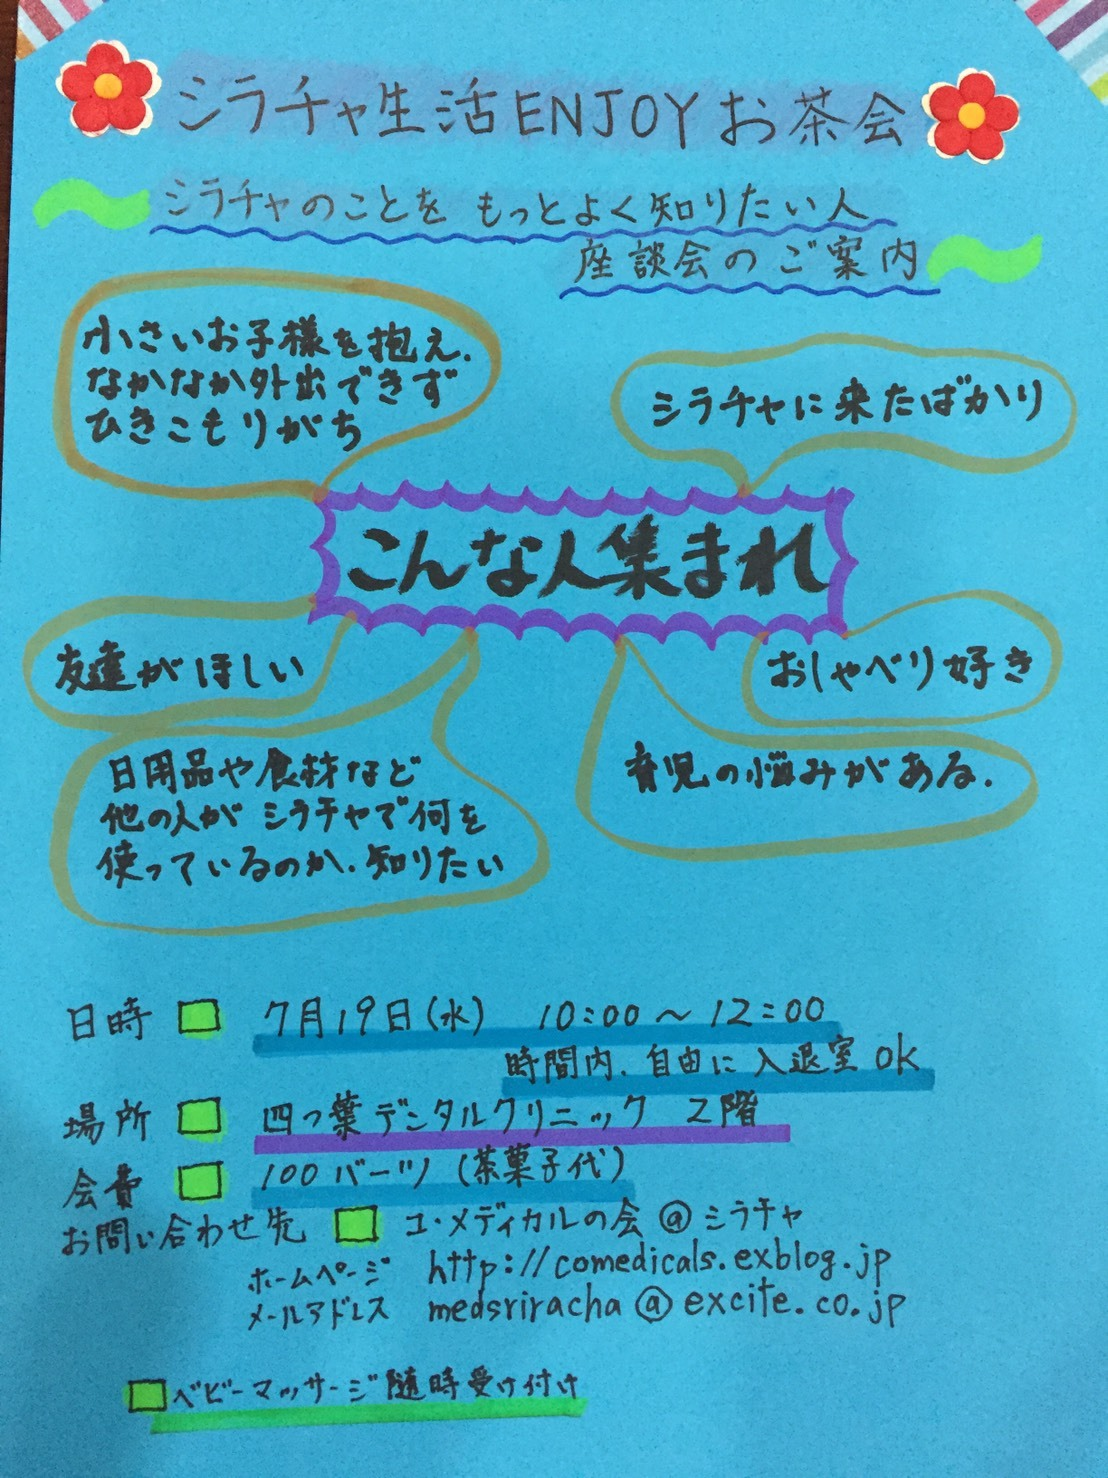 🌼シラチャ生活ENJOYお茶会🌼 イベントのお知らせ_c0356430_14215128.jpg